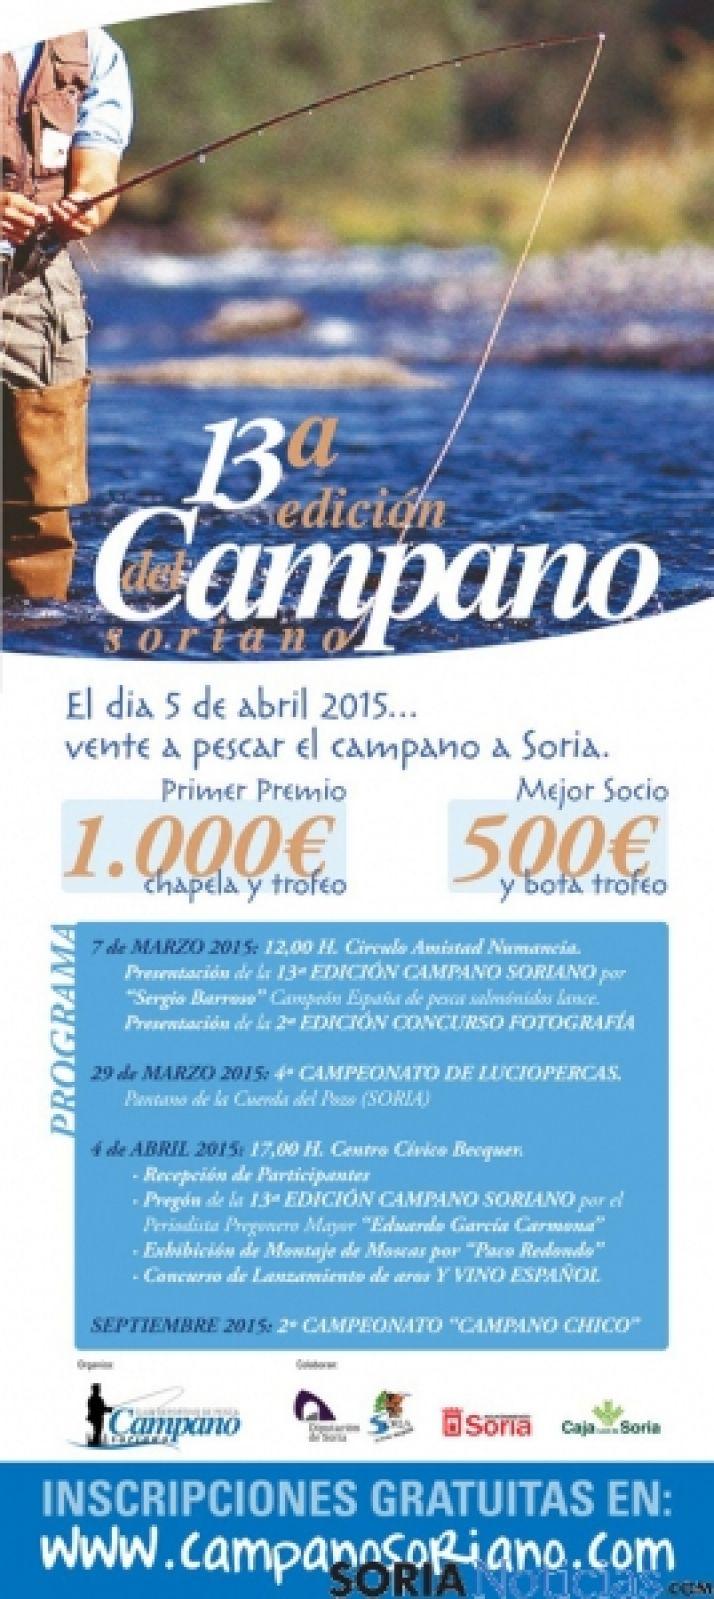 Cartel de la presente edición del Campano Soriano.